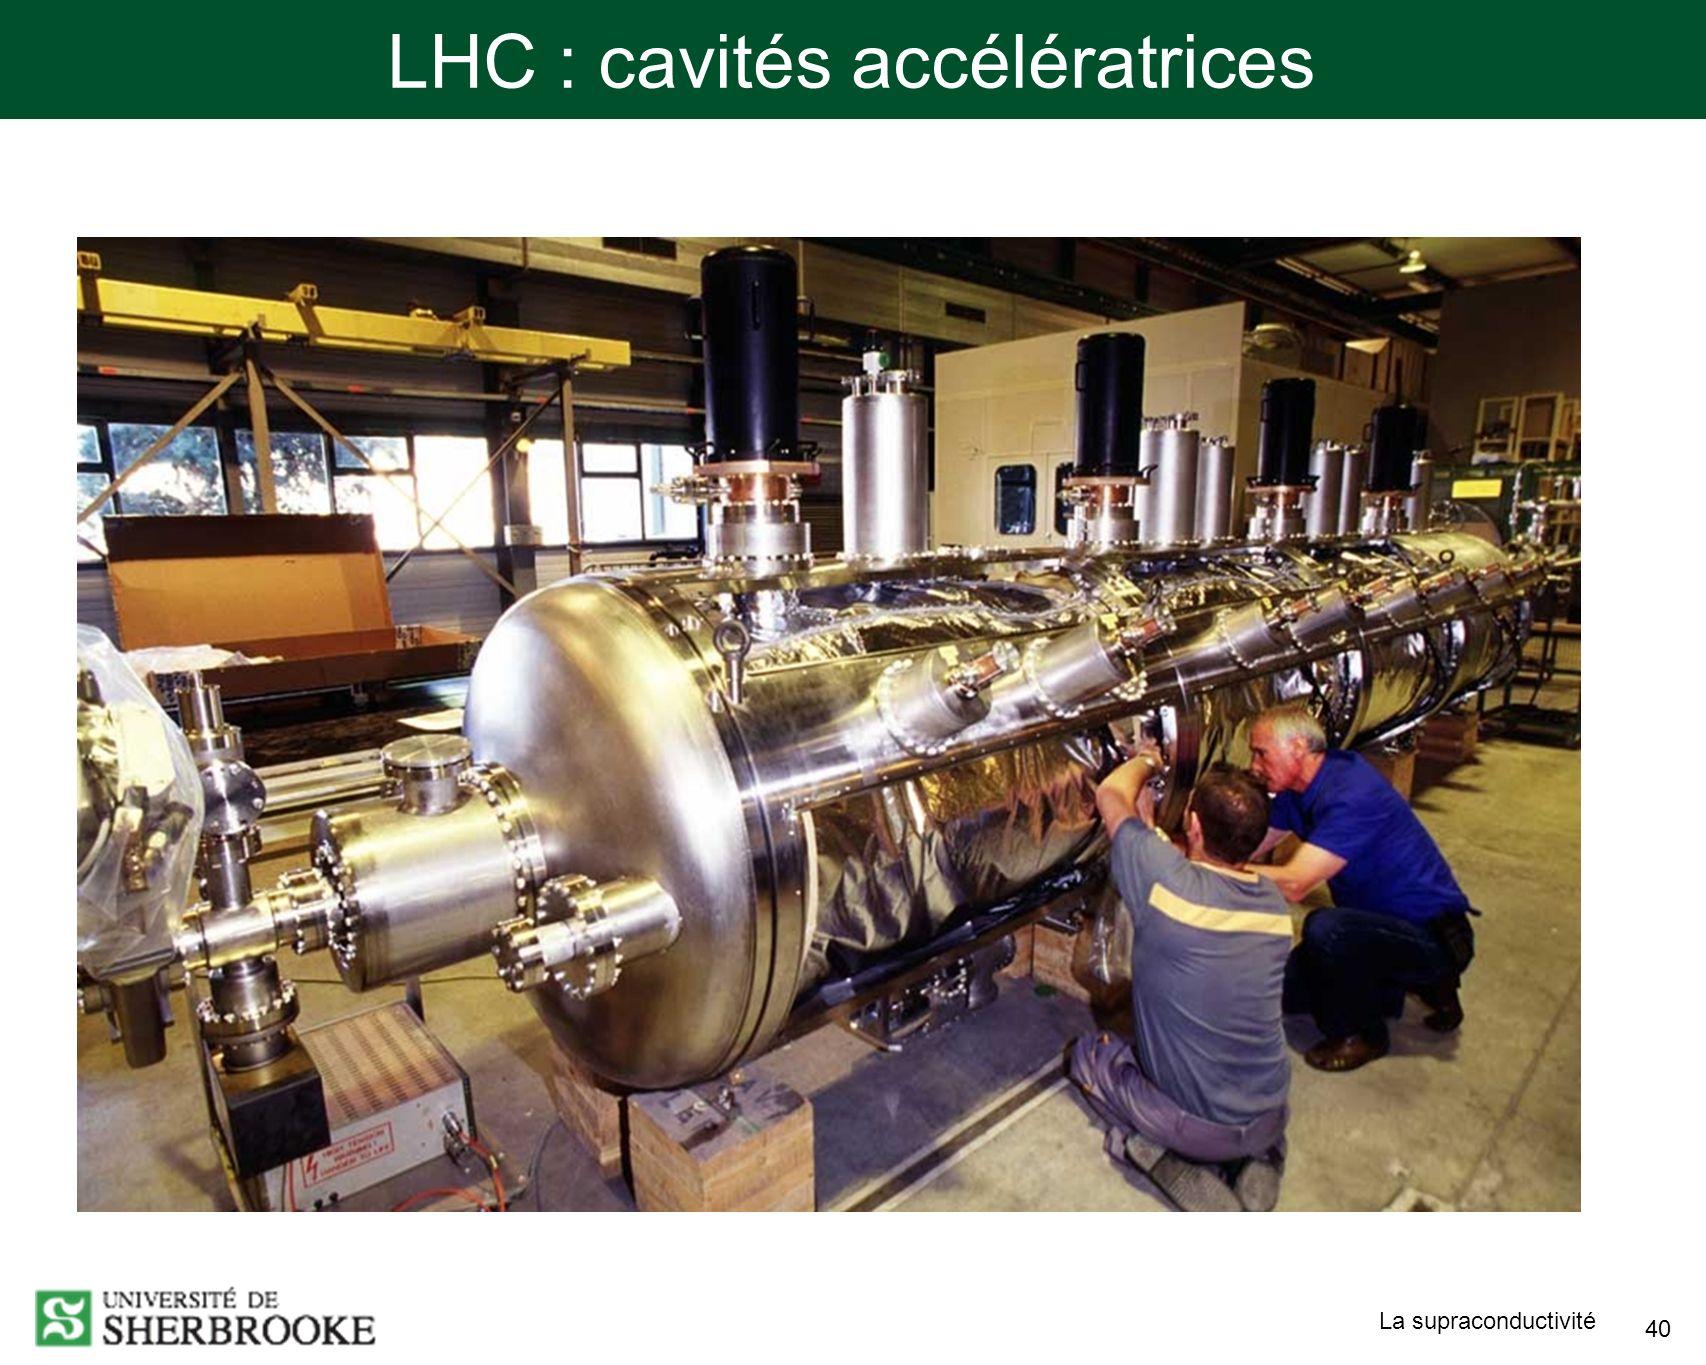 LHC : cavités accélératrices